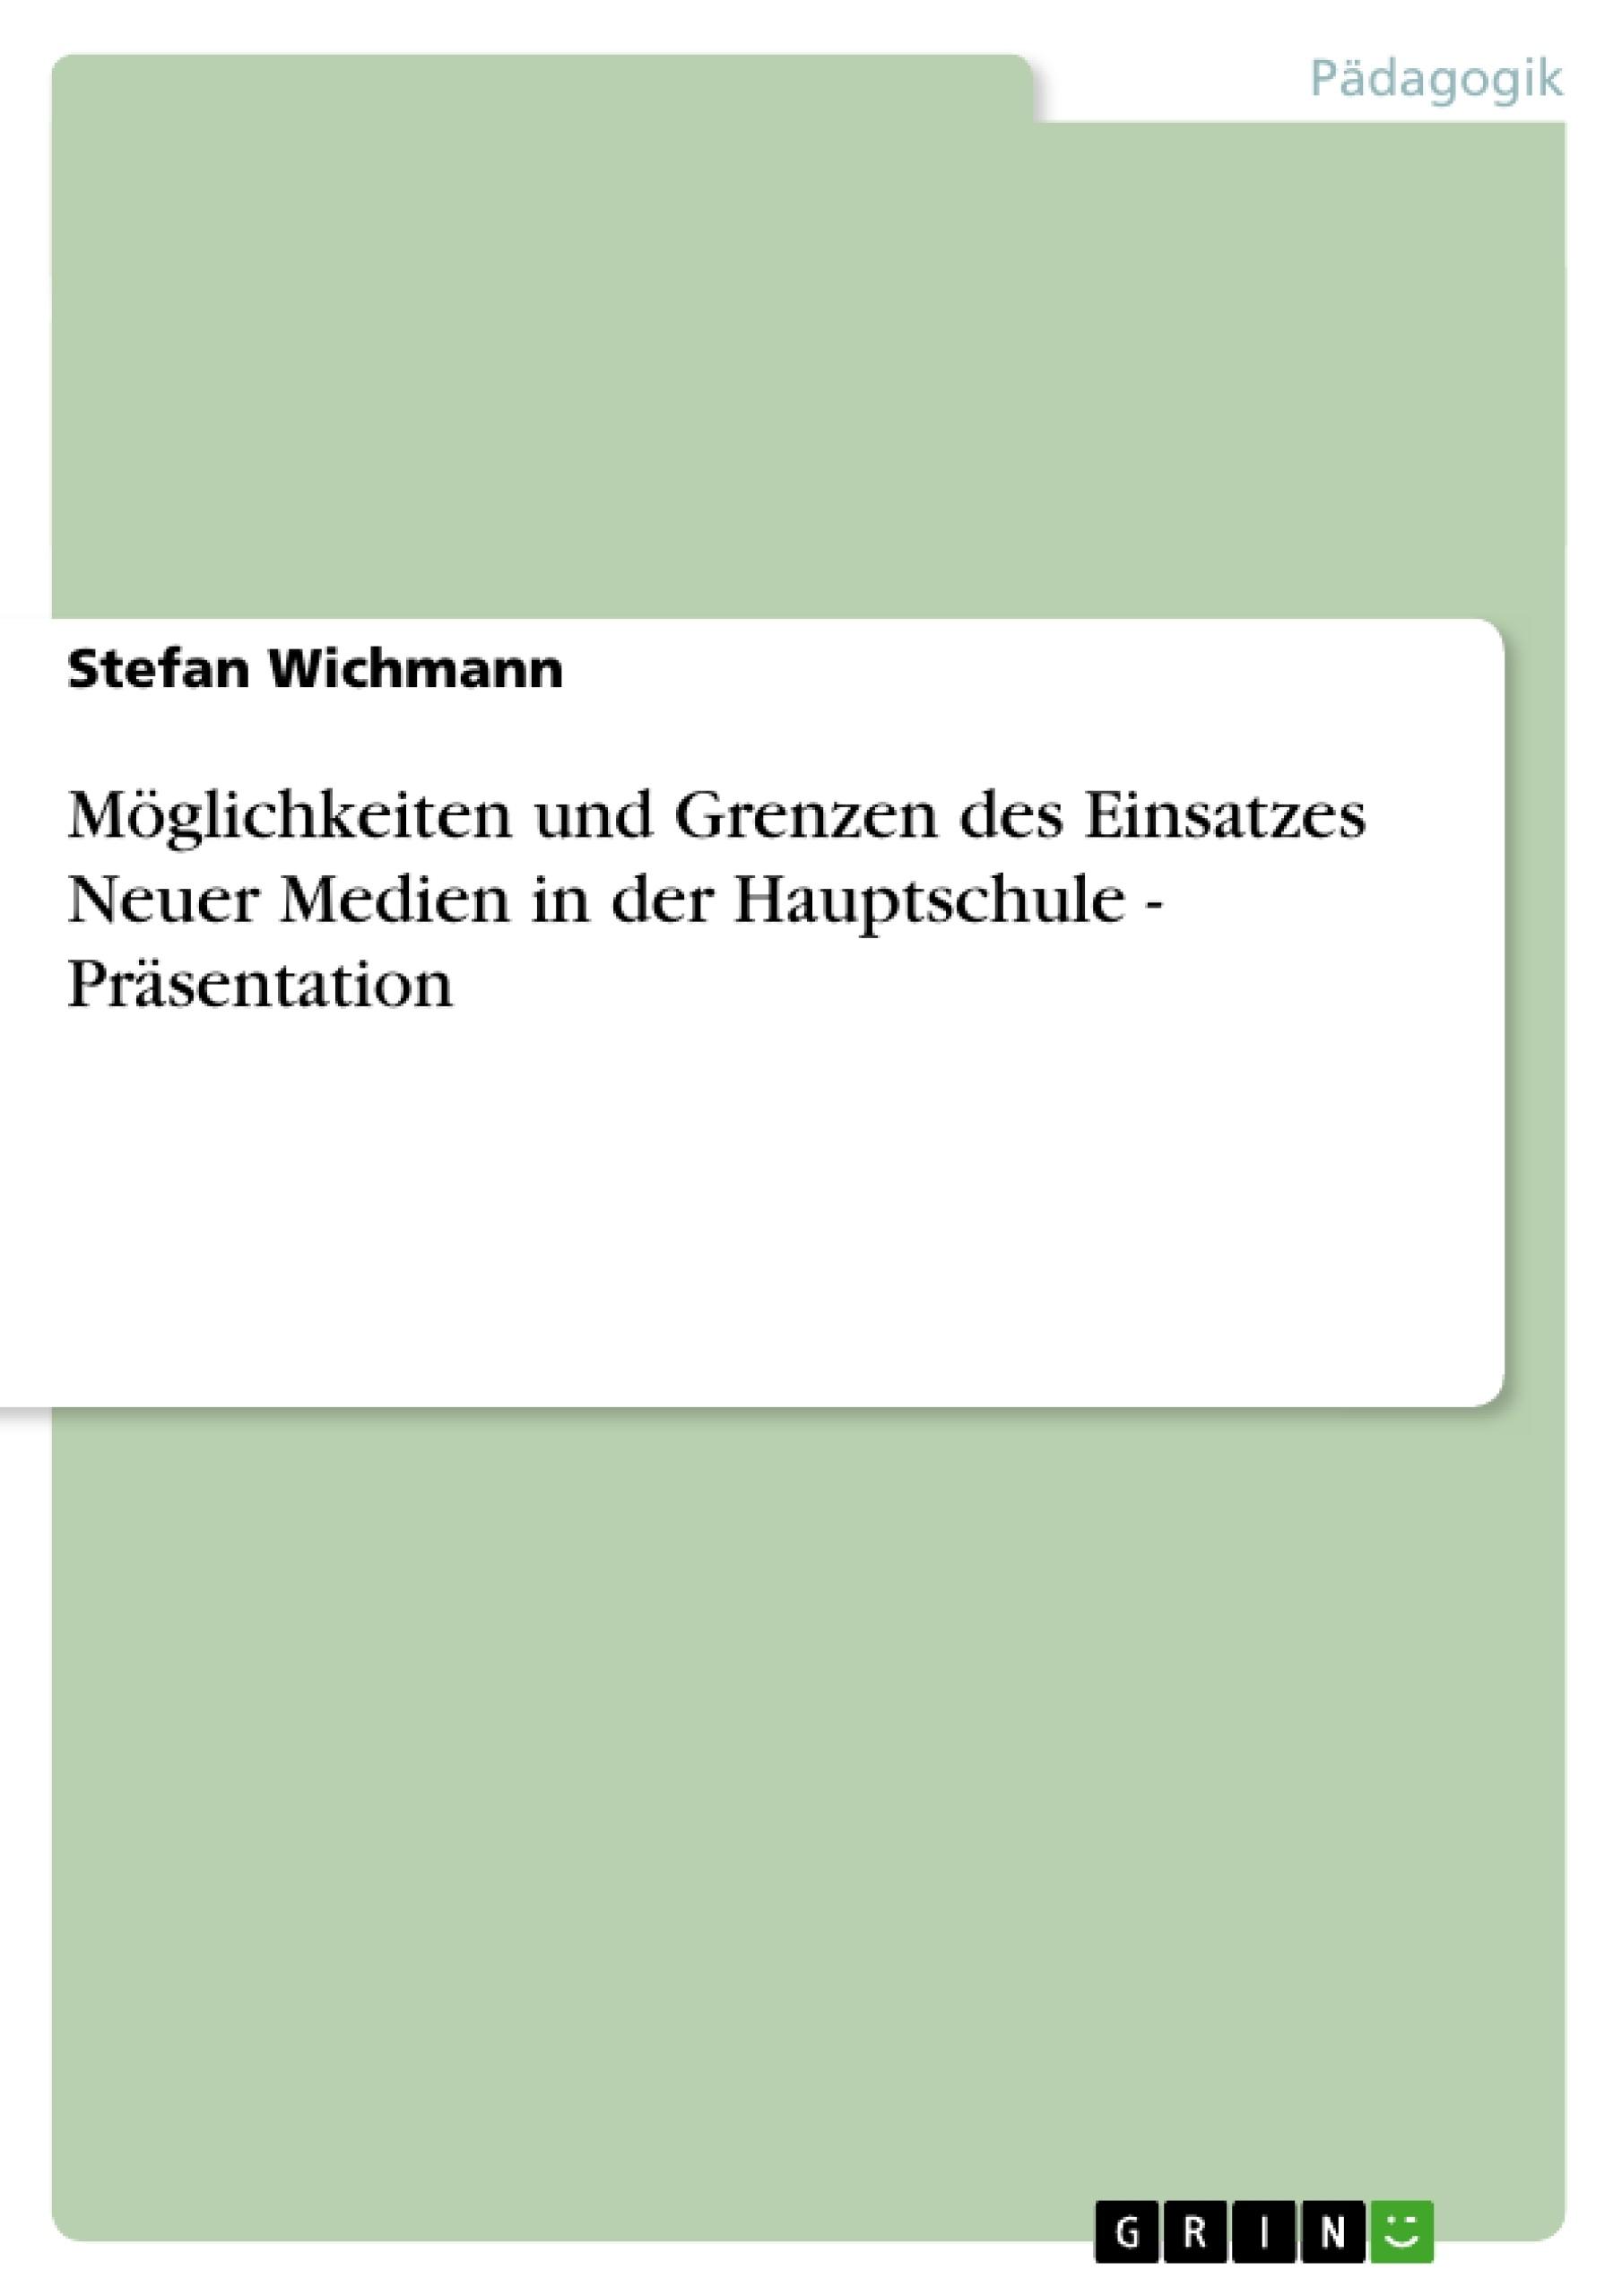 Titel: Möglichkeiten und Grenzen des Einsatzes Neuer Medien in der Hauptschule - Präsentation